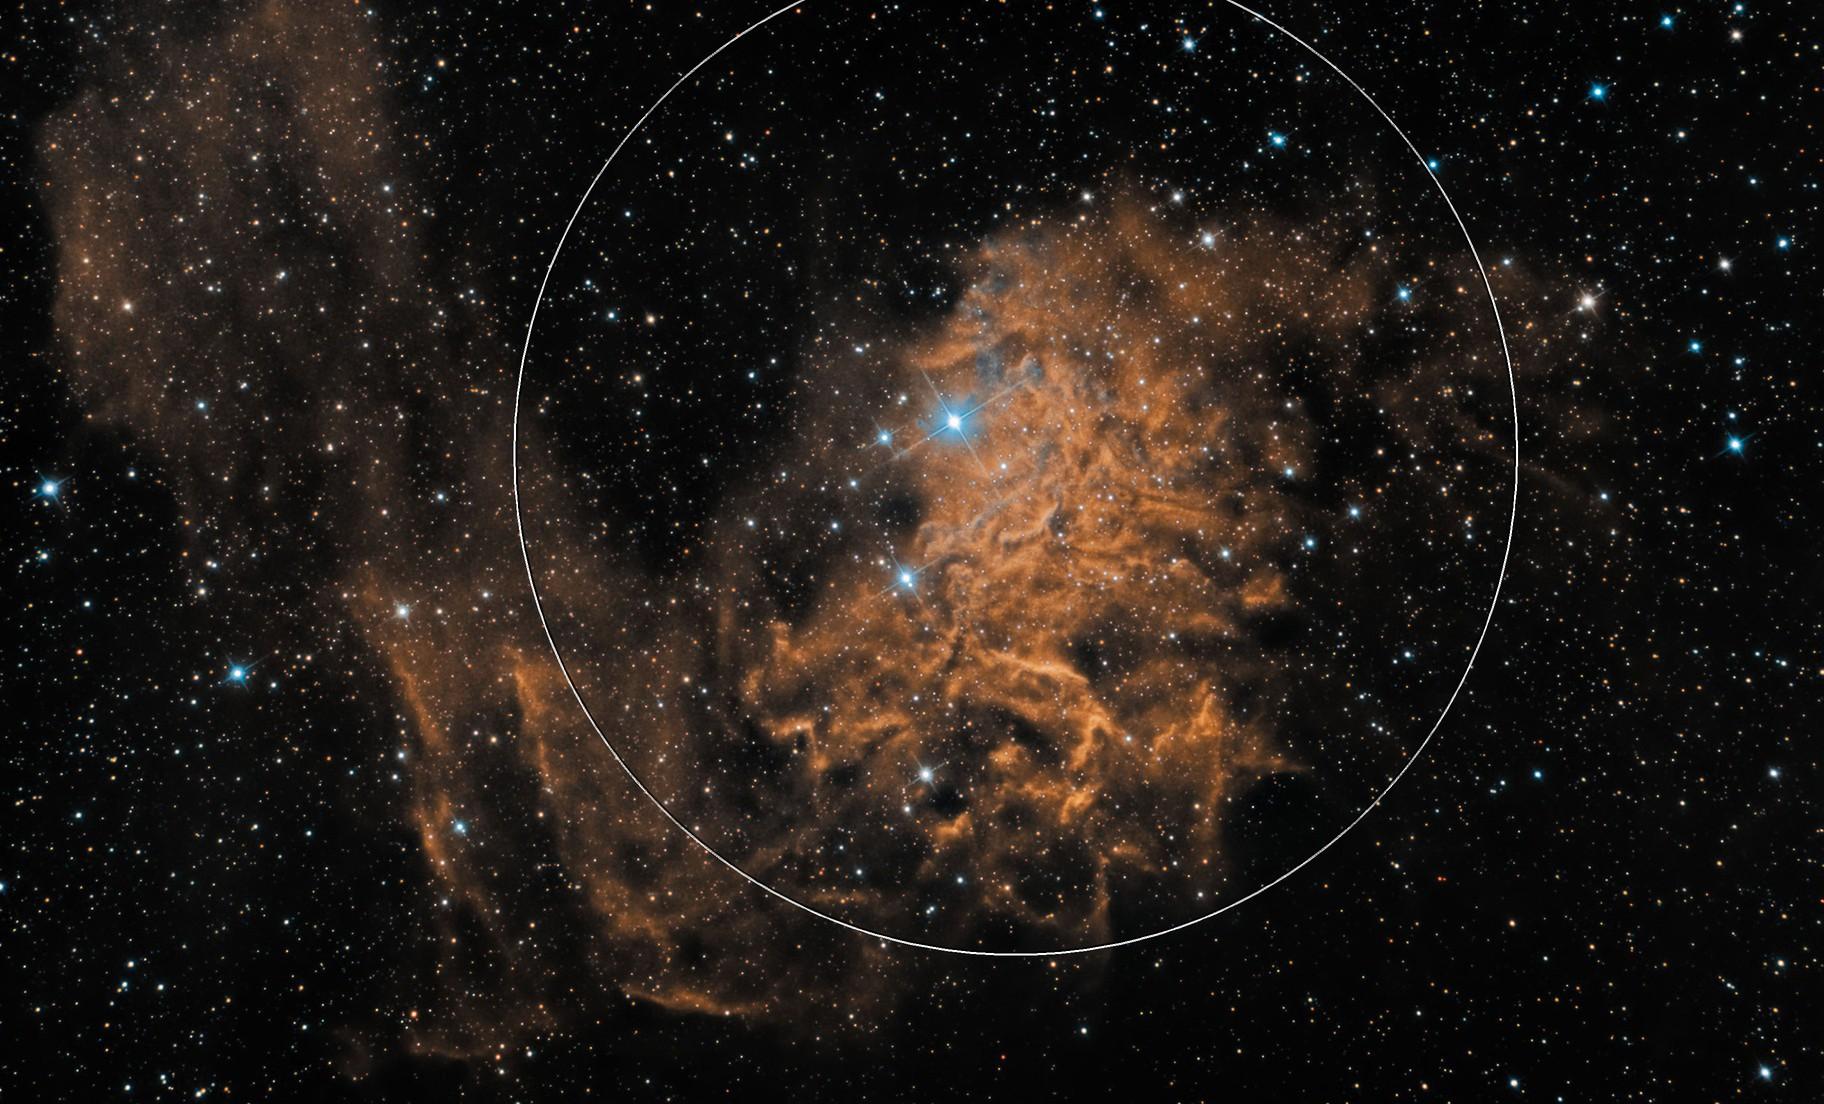 The Flaming Star Nebula - Narrowband and Broadband Combined